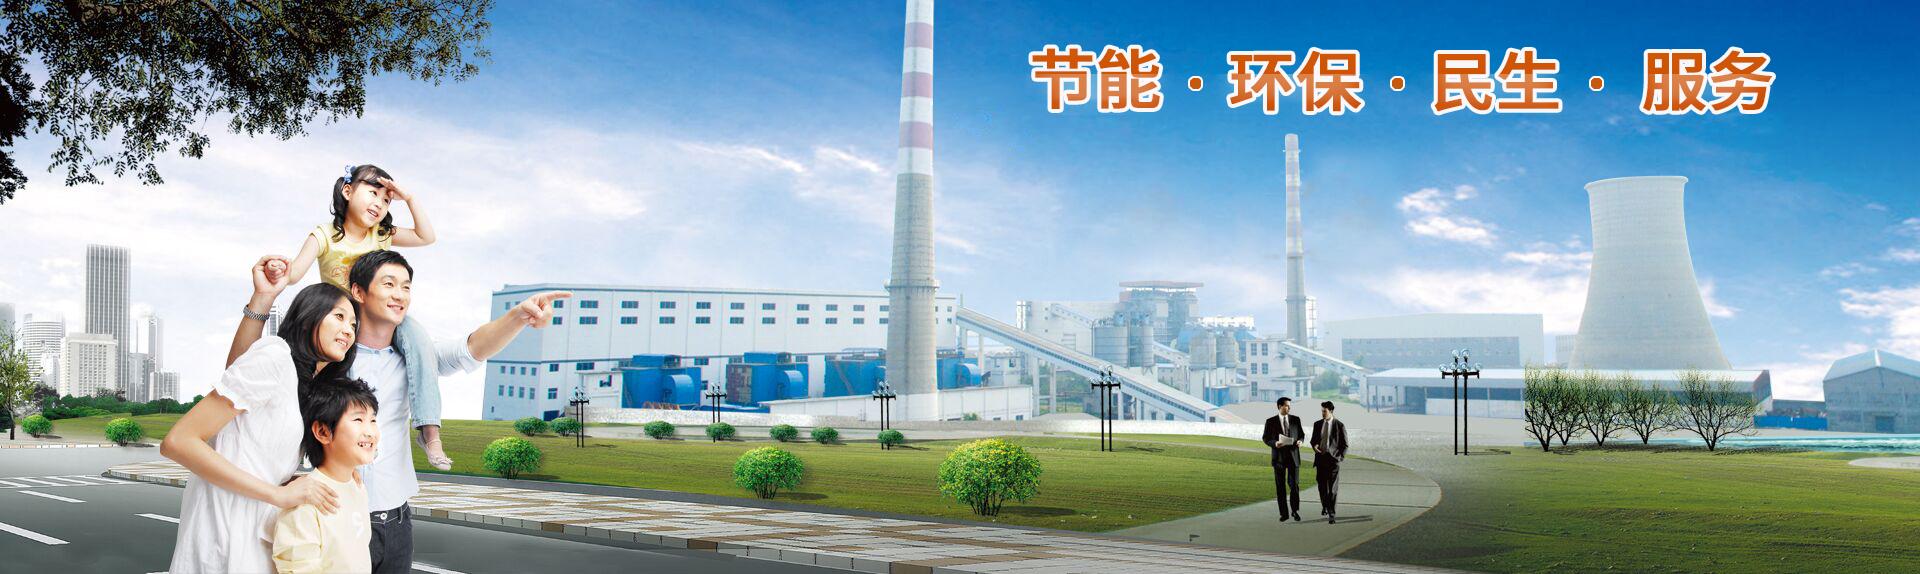 滨州万达彩票登录热力有限公司